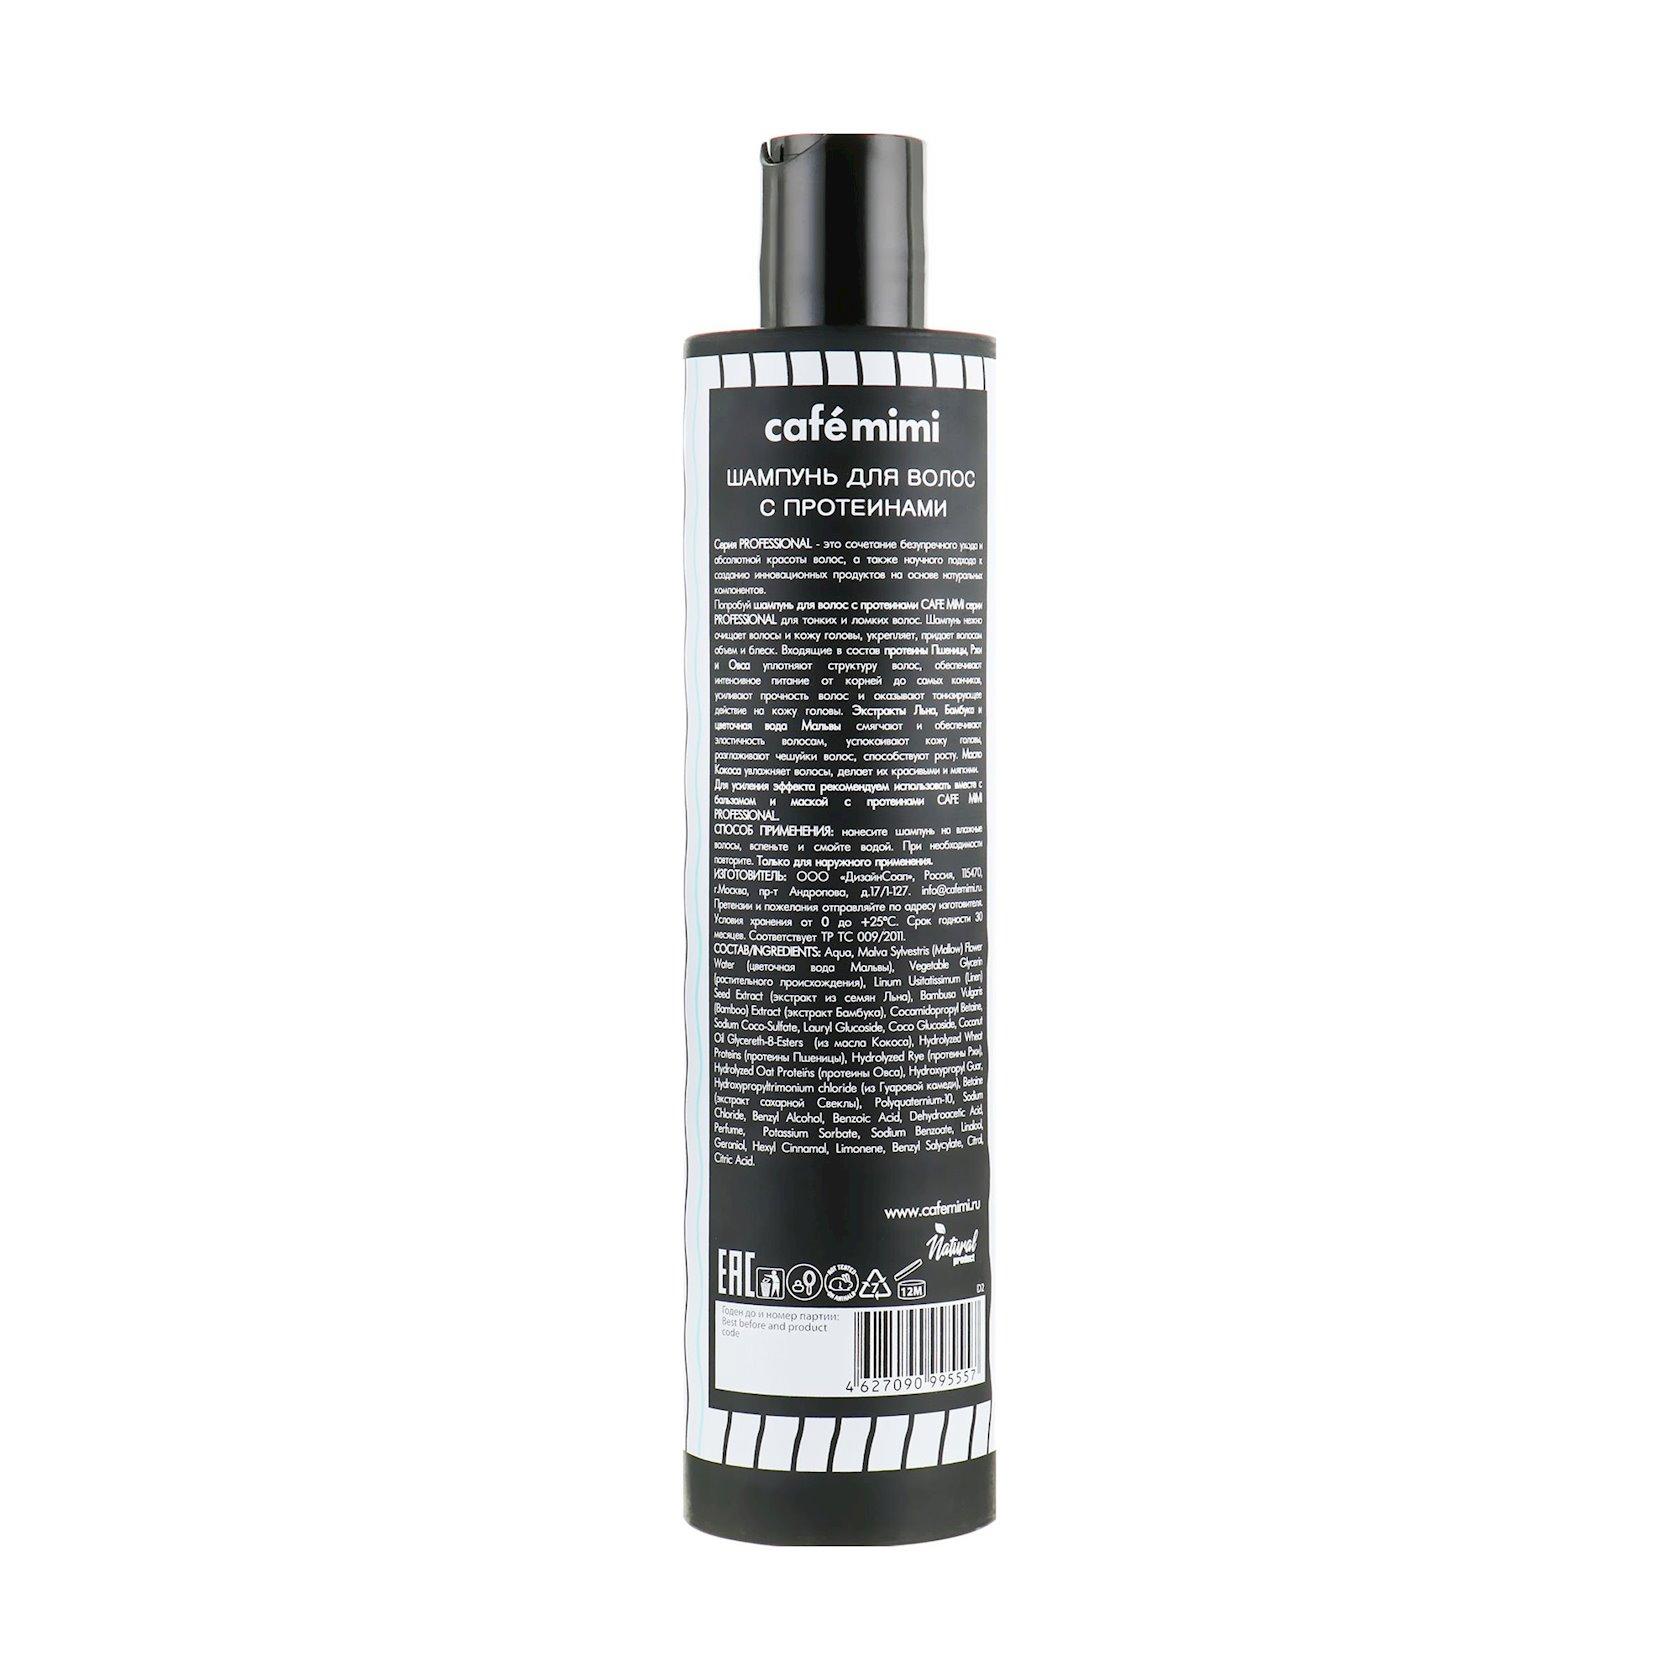 Saç şampunu Cafe Mimi Professional proteinlər ilə 300 ml